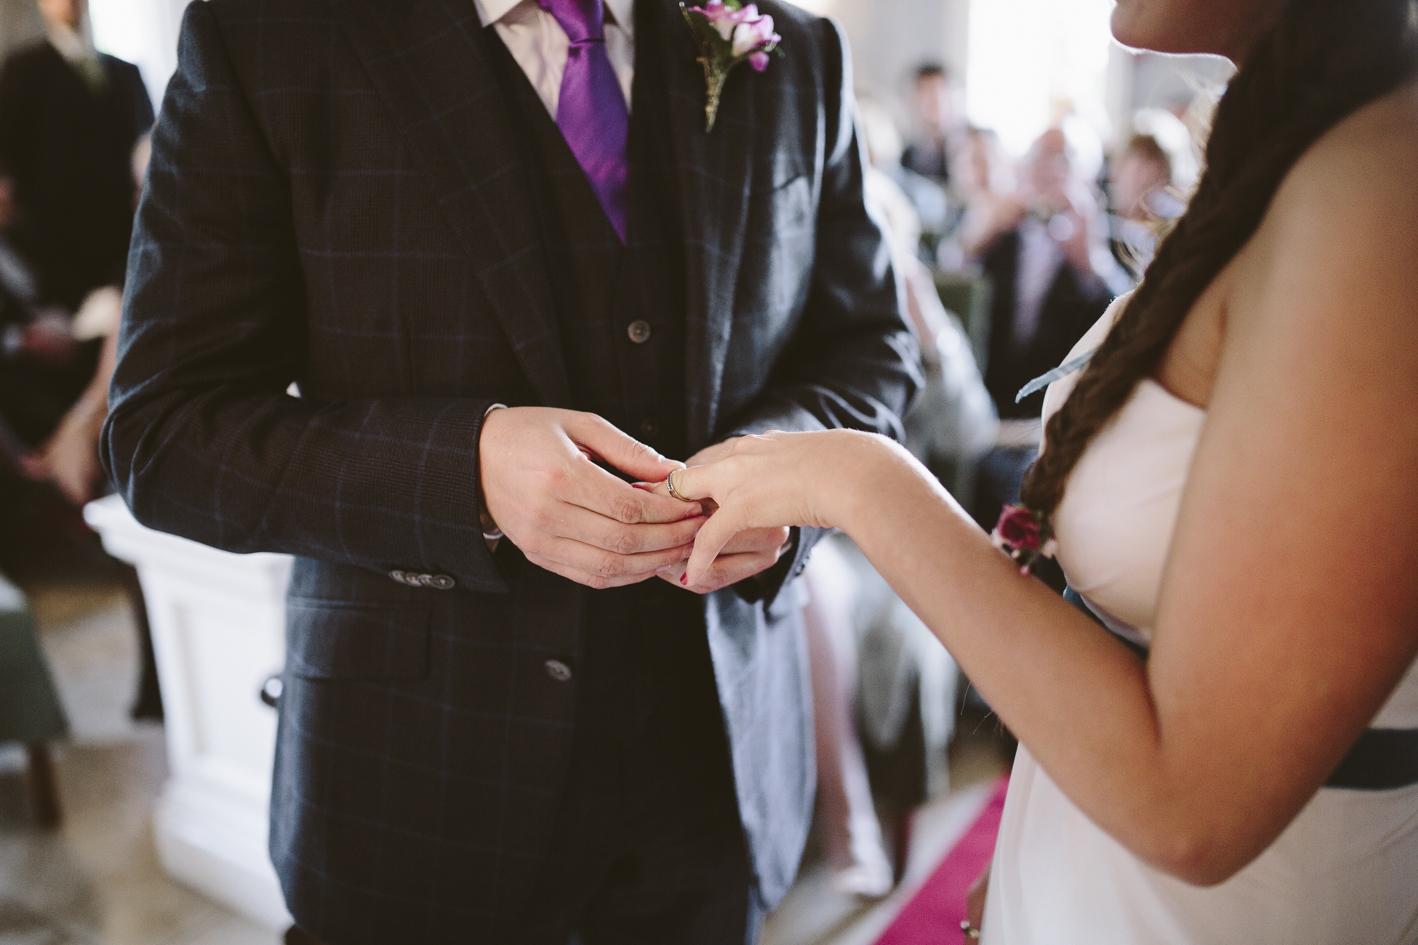 Wedding photographer Ireland Graciela Vilagudin 814.jpg